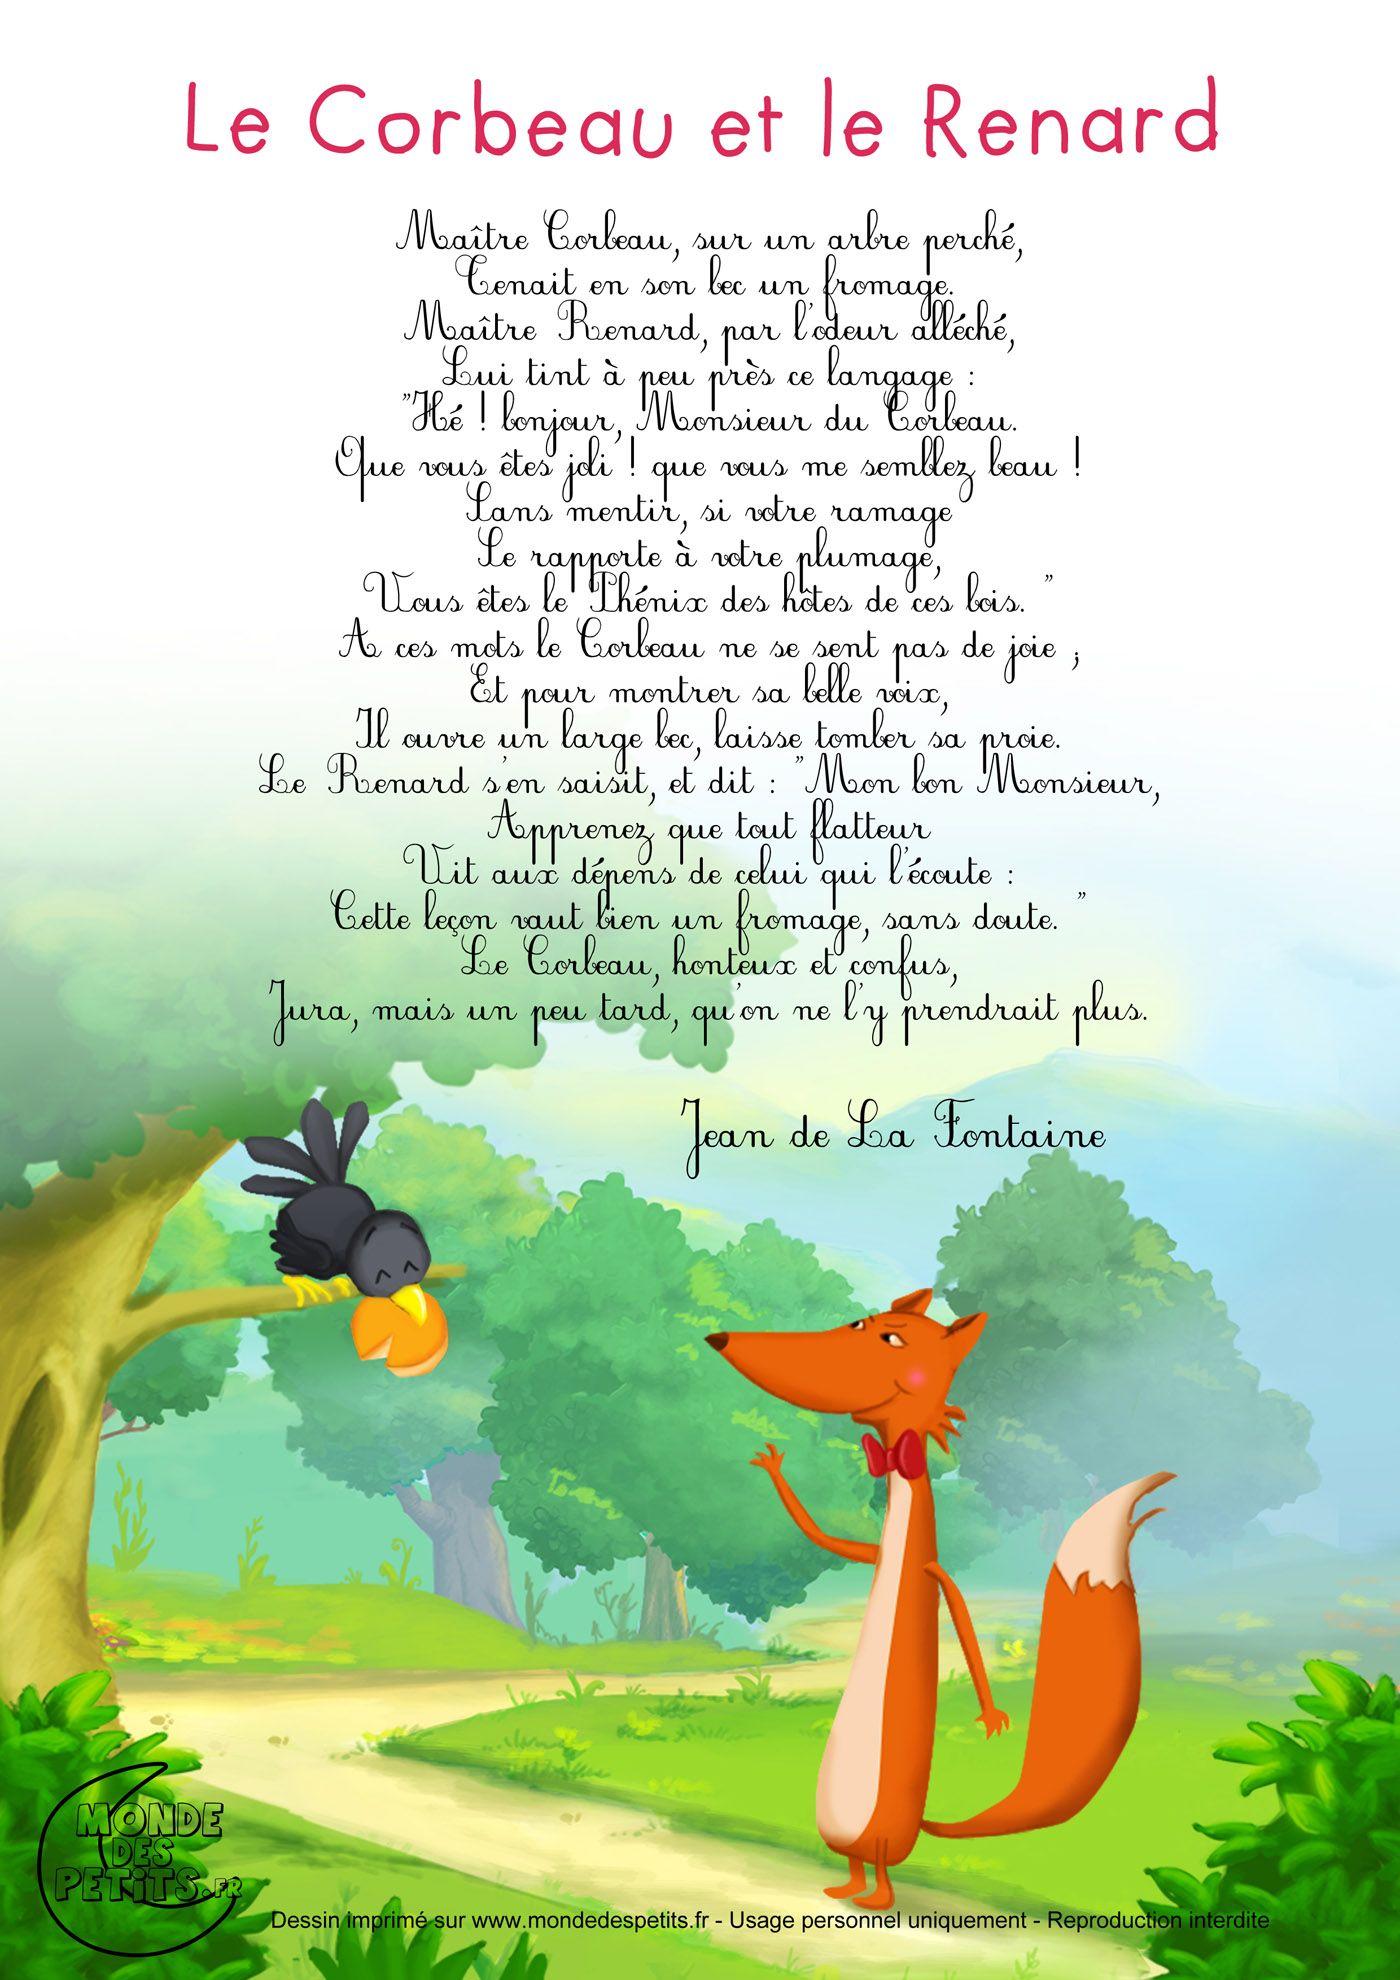 Tatyana novoselova chansons pour enfants comptines - Coloriage le corbeau et le renard ...